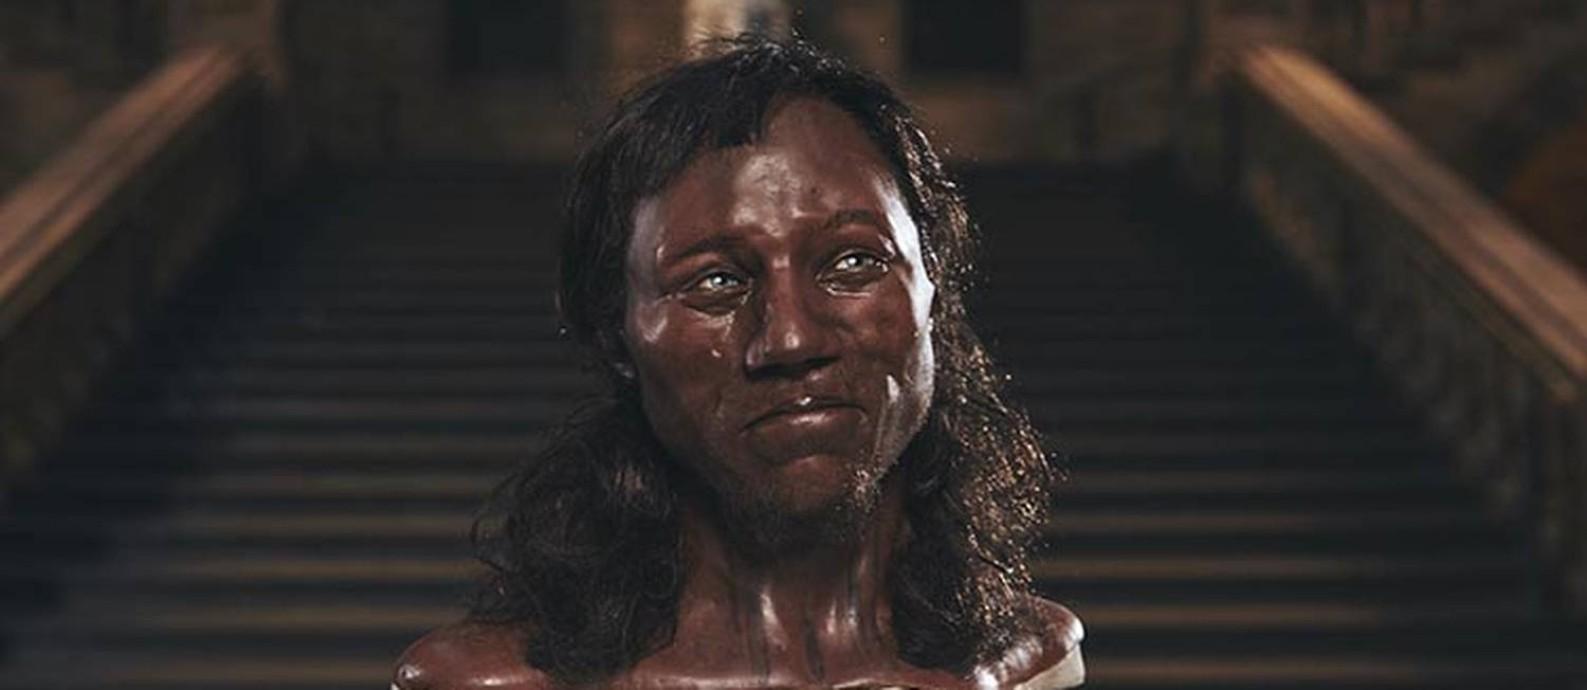 O rosto reconstruído do Homem de Cheddar, que viveu há dez mil anos na Inglaterra Foto: MUSEU DE HISTÓRIA NATURAL